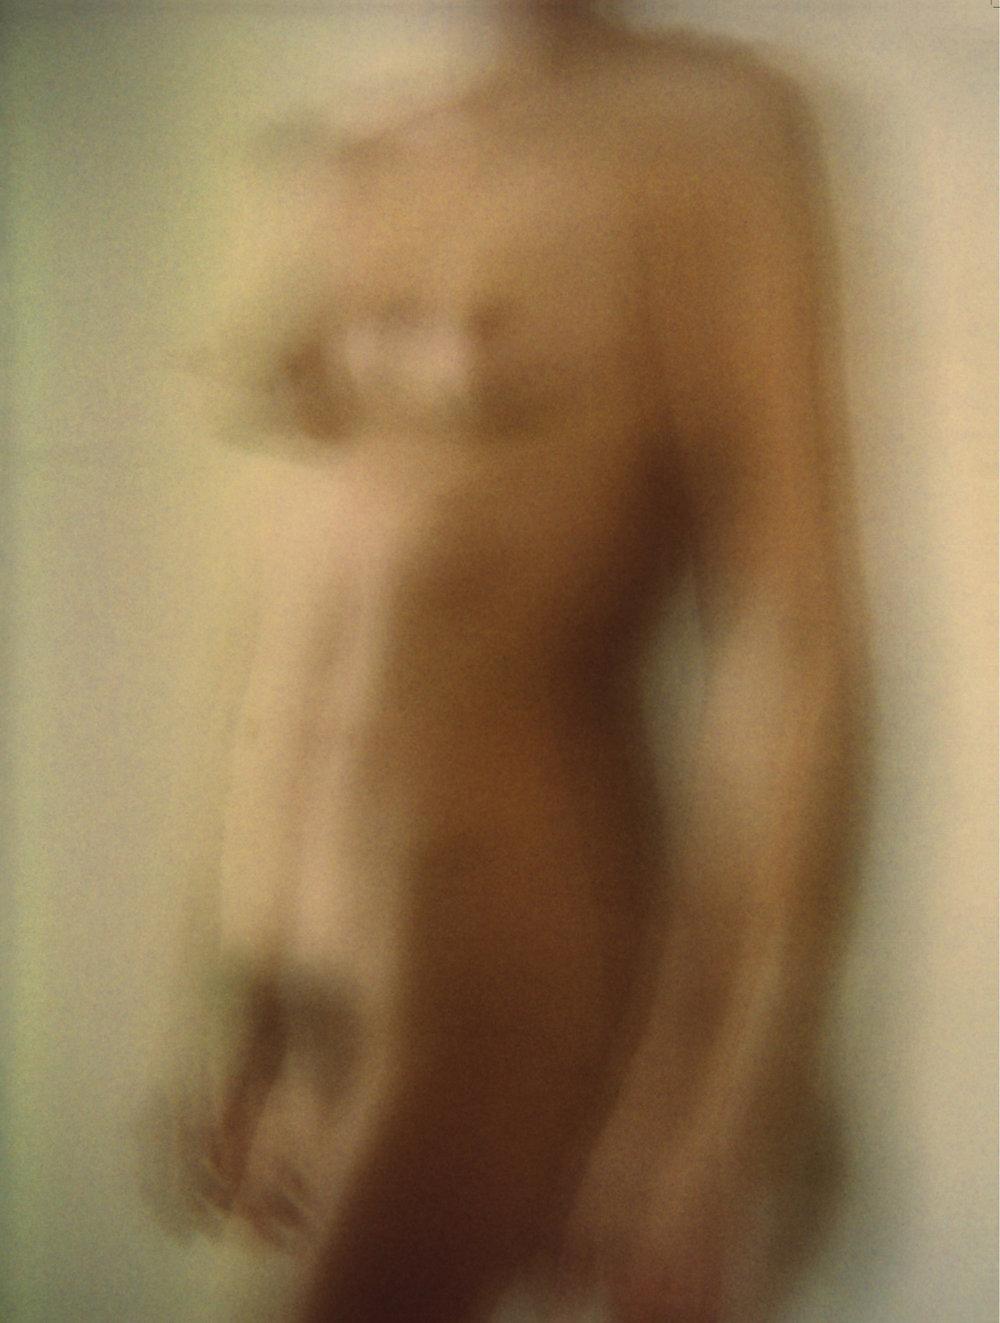 Masquerade, no. 13  2011 Archival pigment print 100H x 82W cm / 39 ¼ x 32 ¼ in